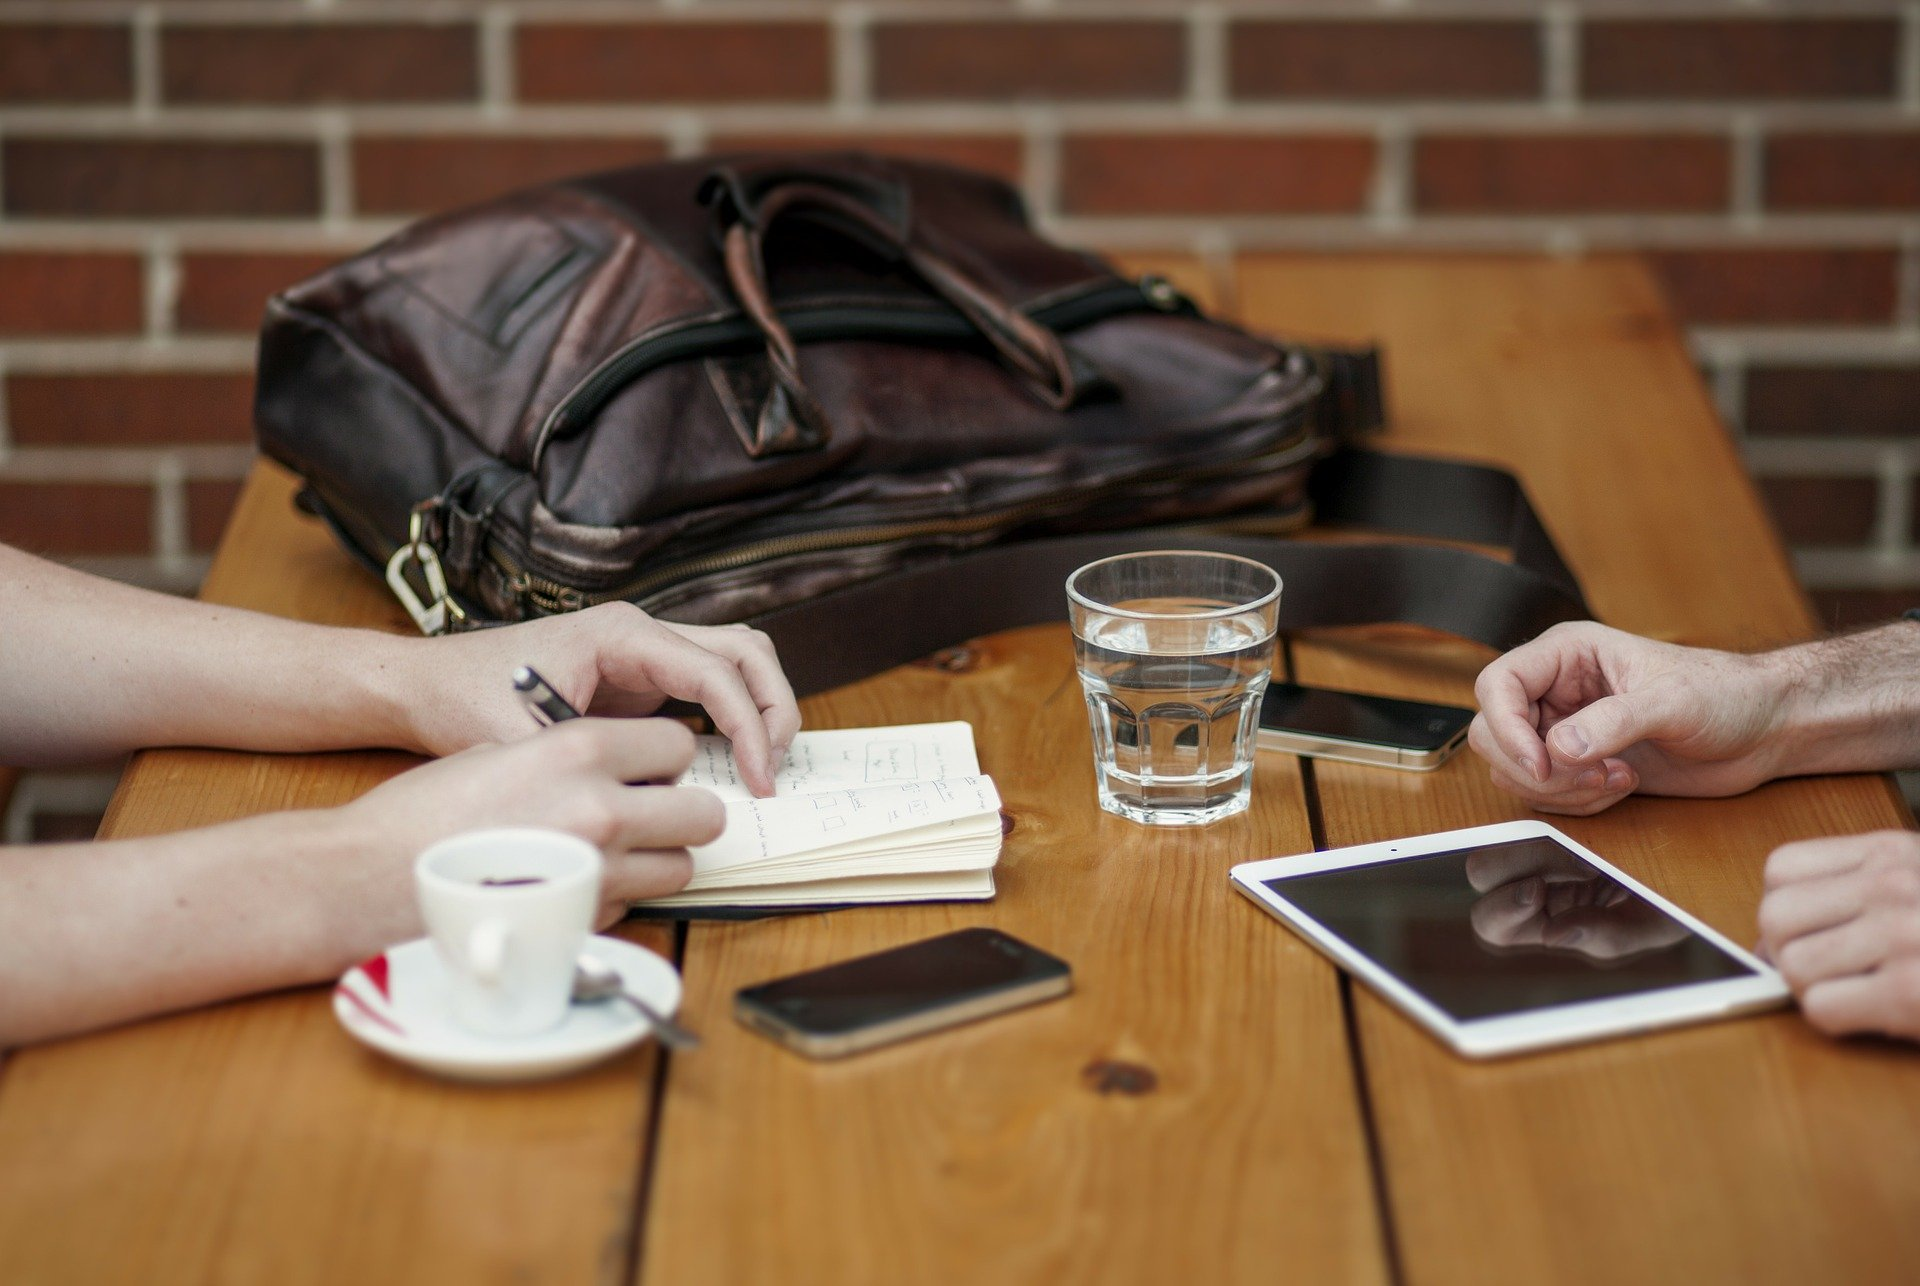 Imagem mostra um tablet, um smartphone e um caderno em destaque sobre uma mesa.